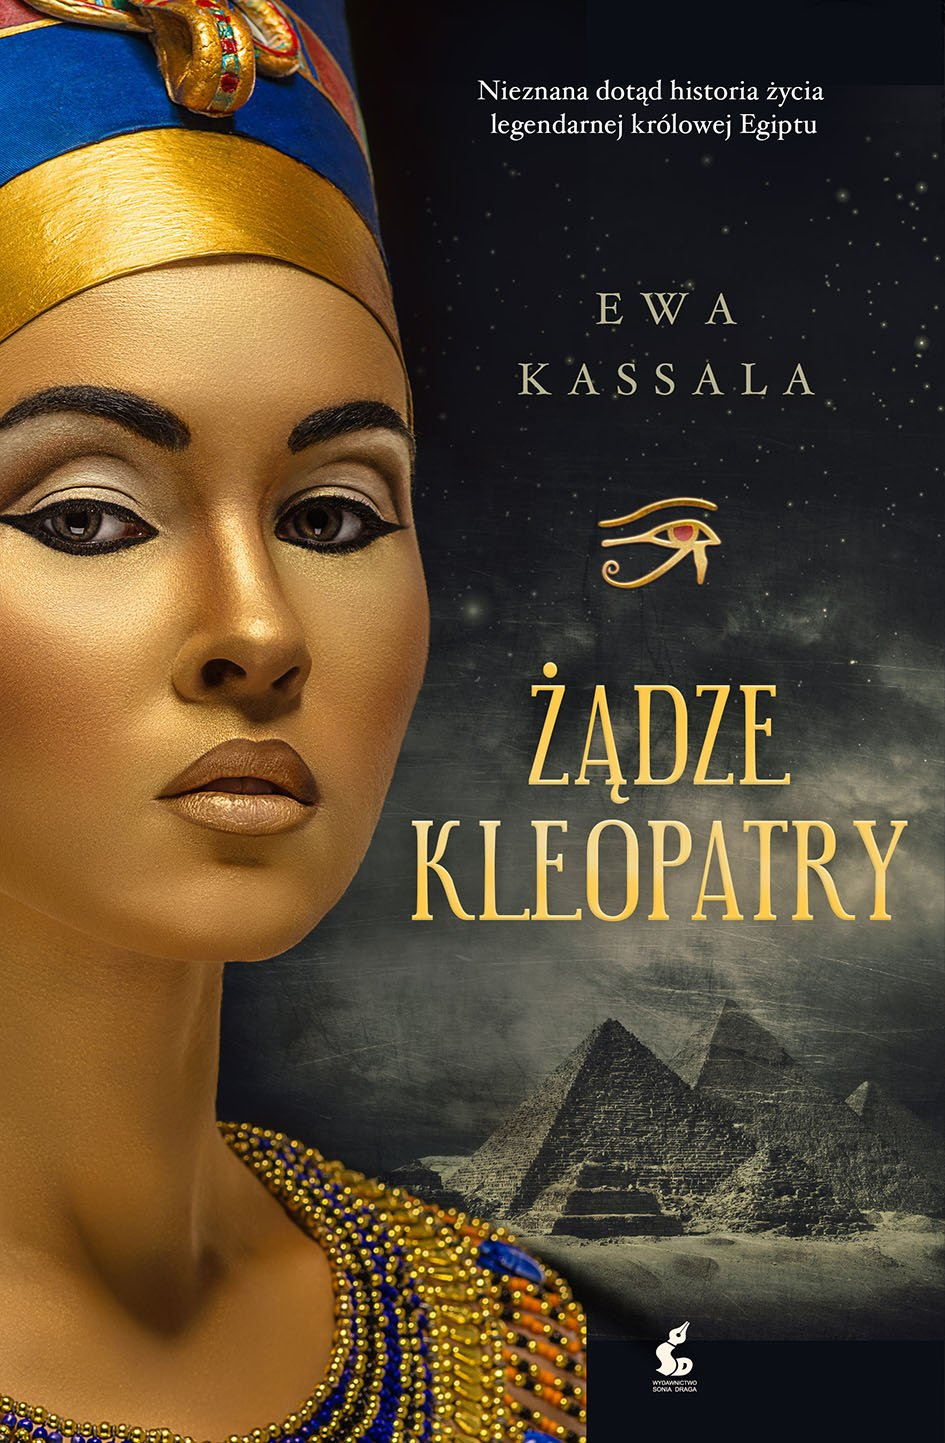 Żądze Kleopatry - Ebook (Książka EPUB) do pobrania w formacie EPUB